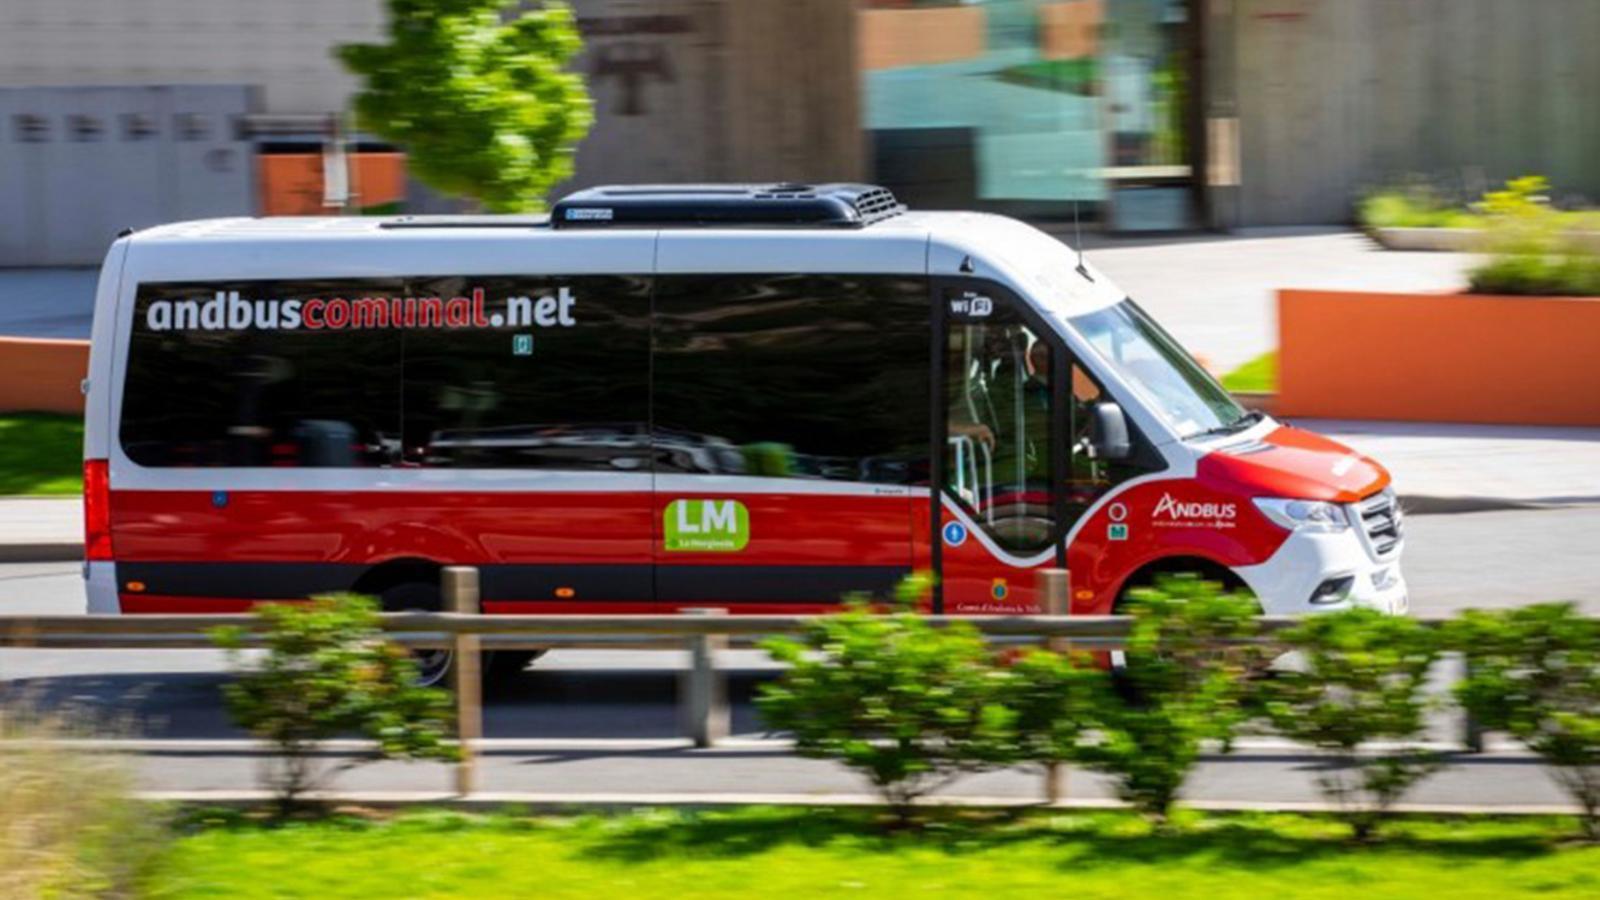 Un bus comunal. / COMÚ D'ANDORRA LA VELLA